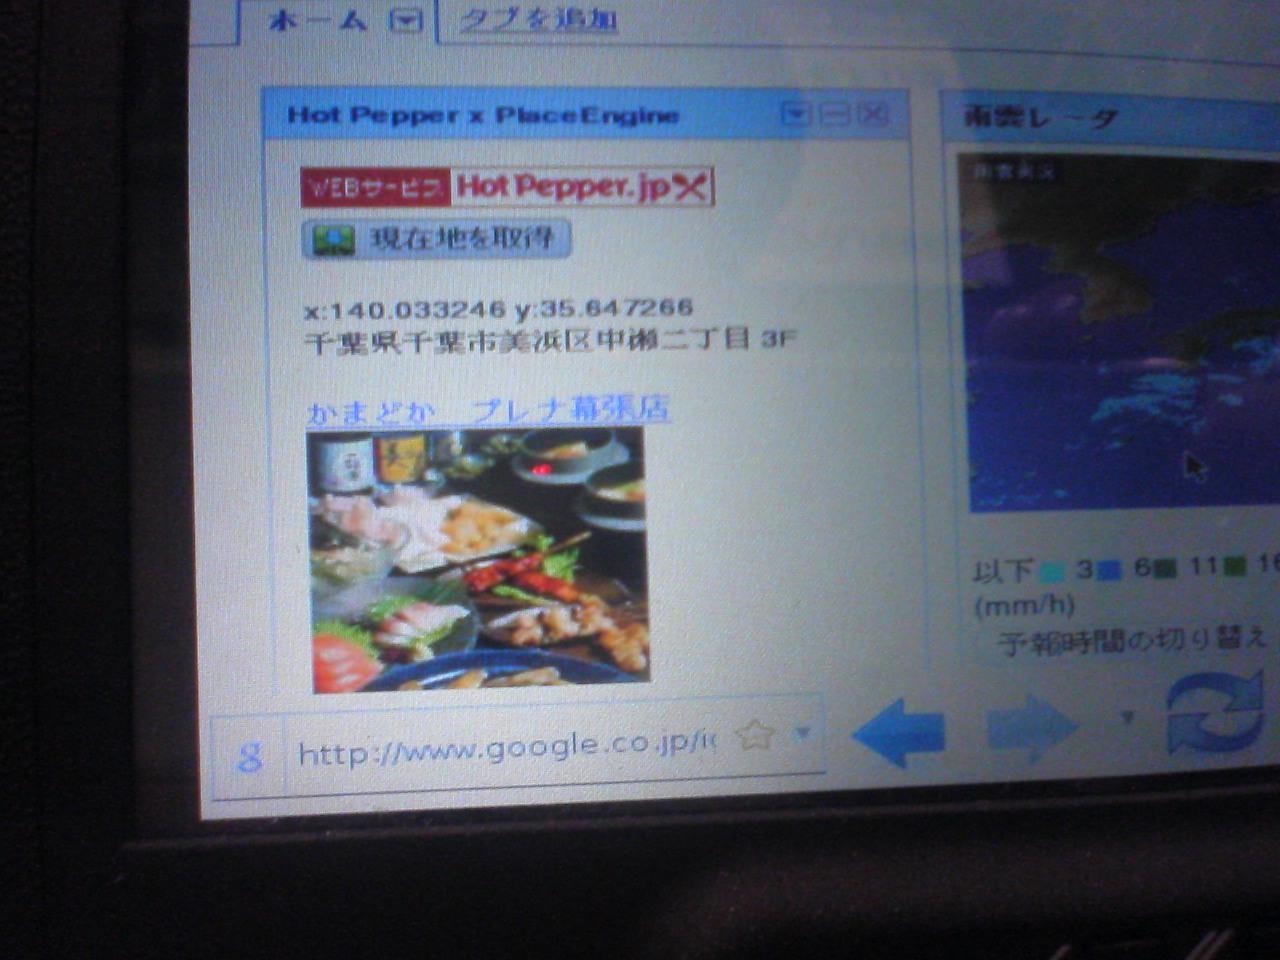 PlaceEngine x Hot Pepper連携のiGoogleガジェット